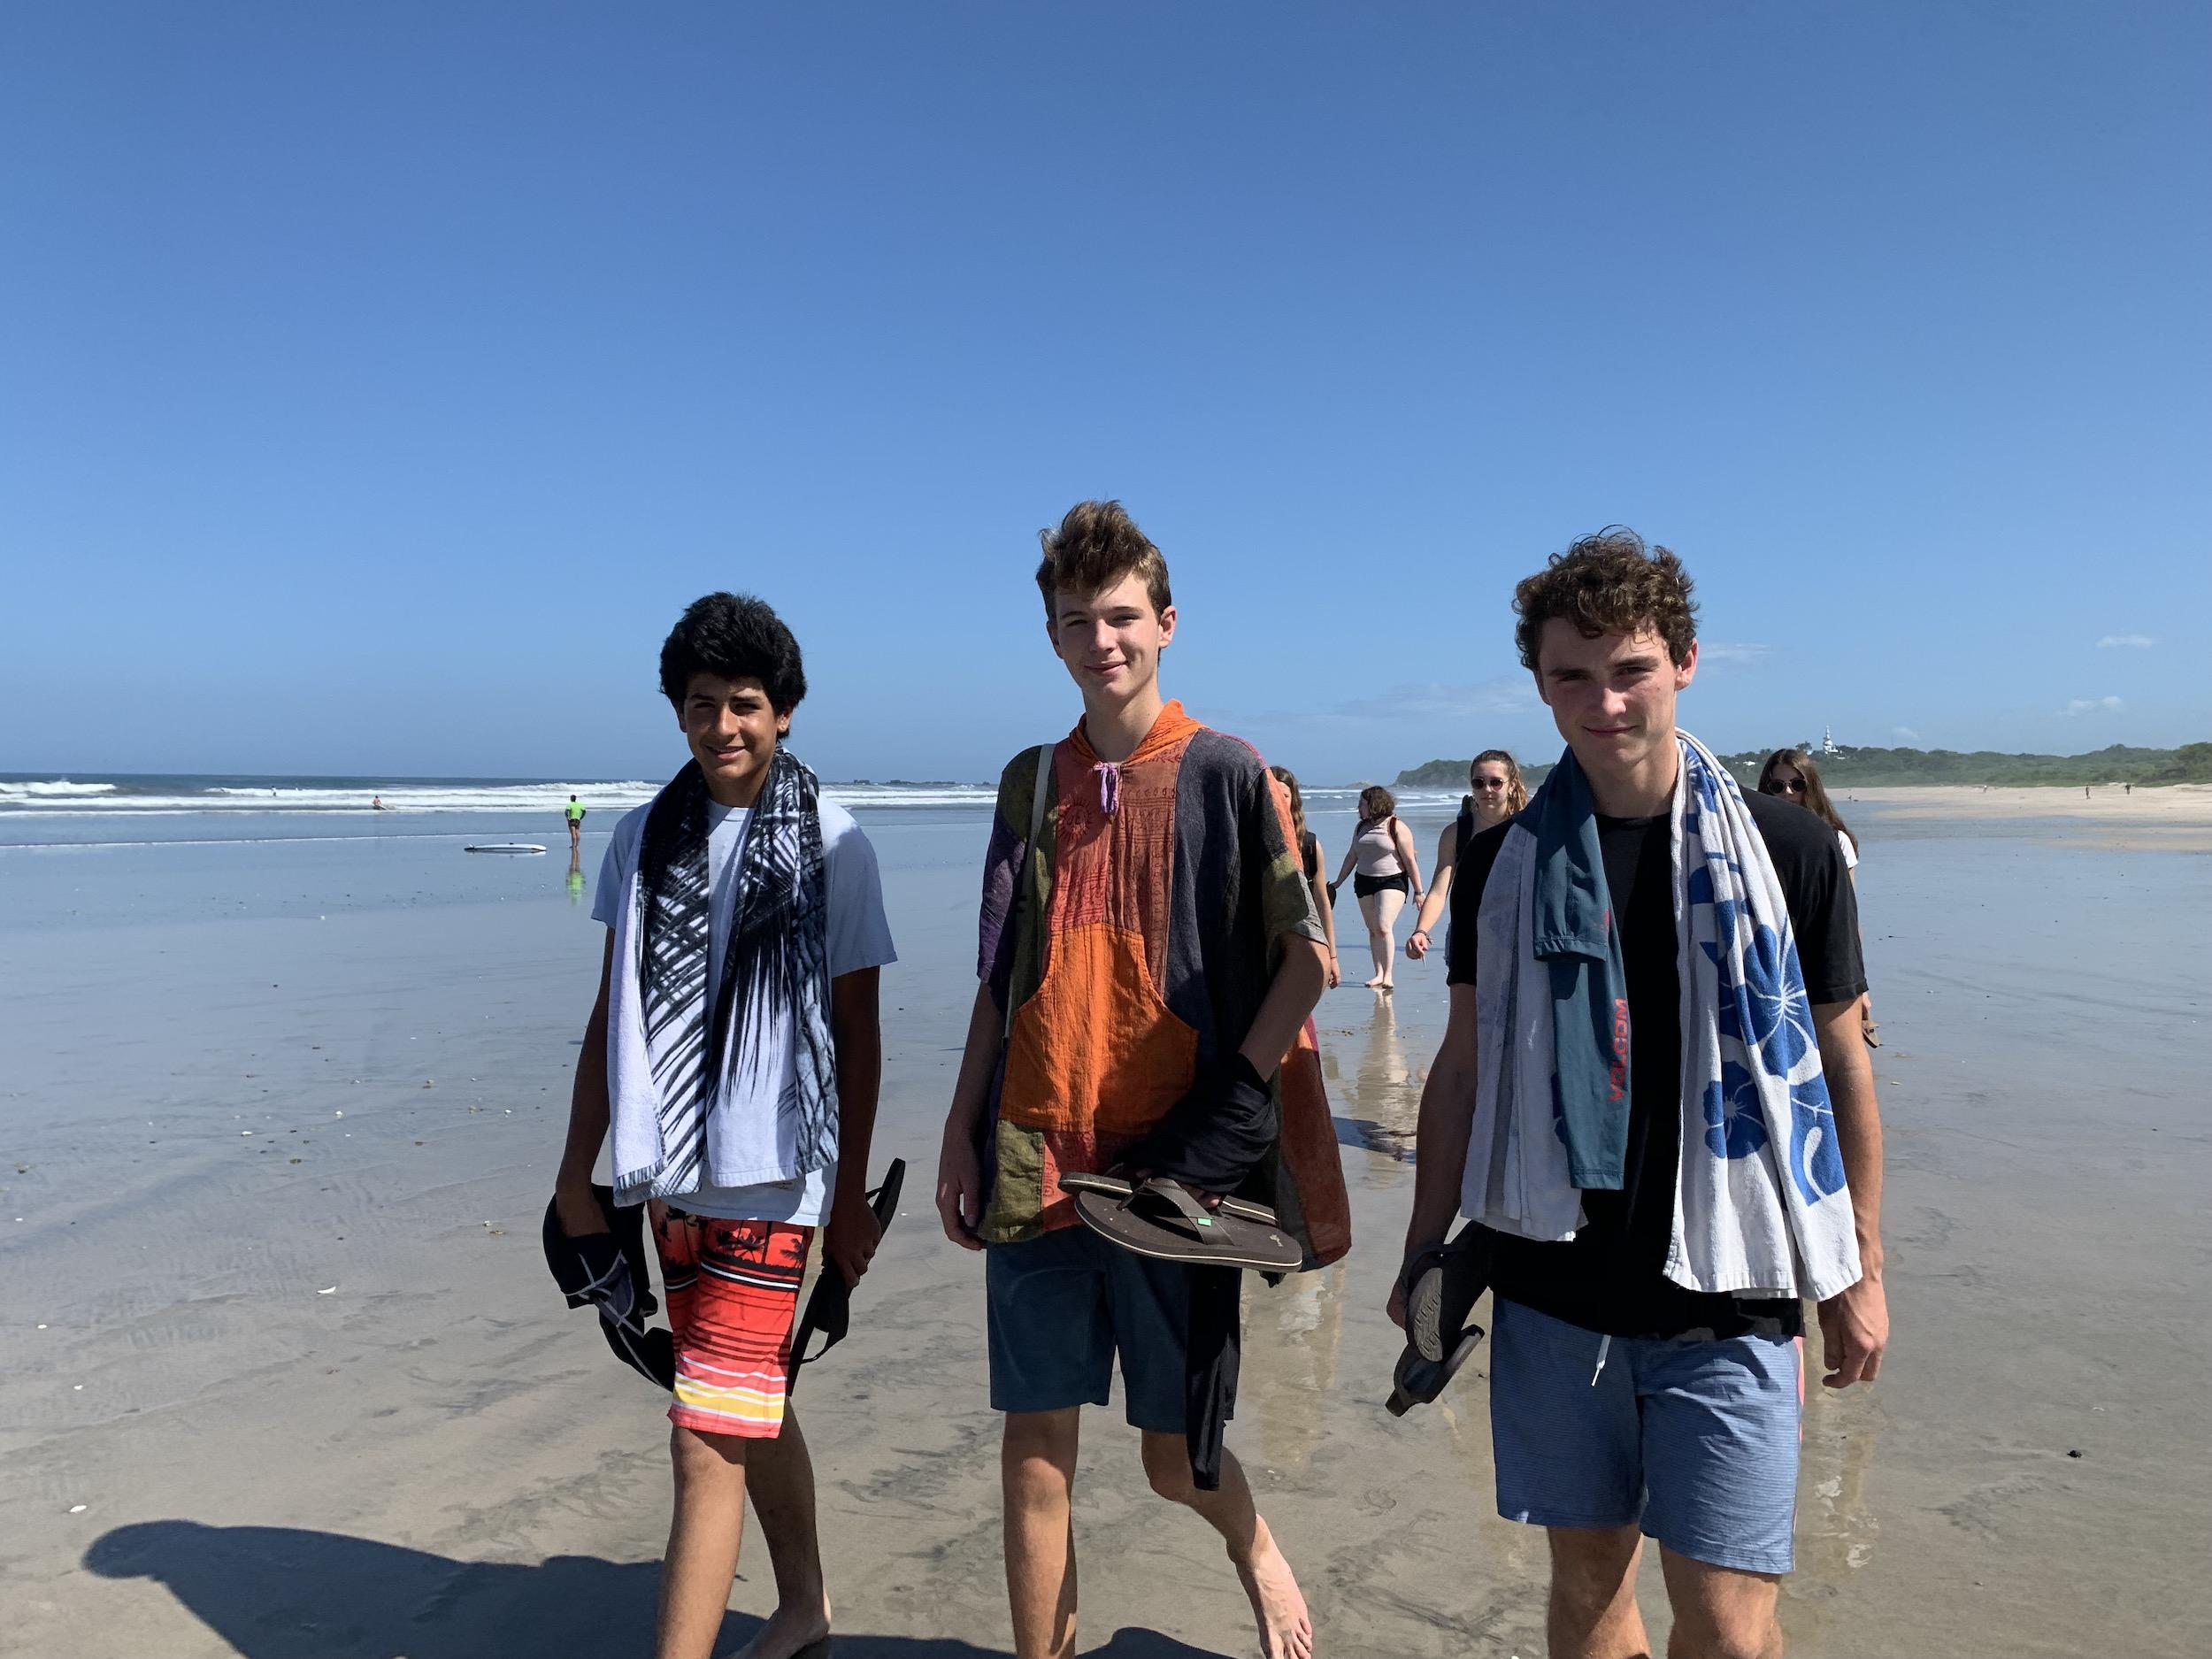 Teen Surf & Yoga members